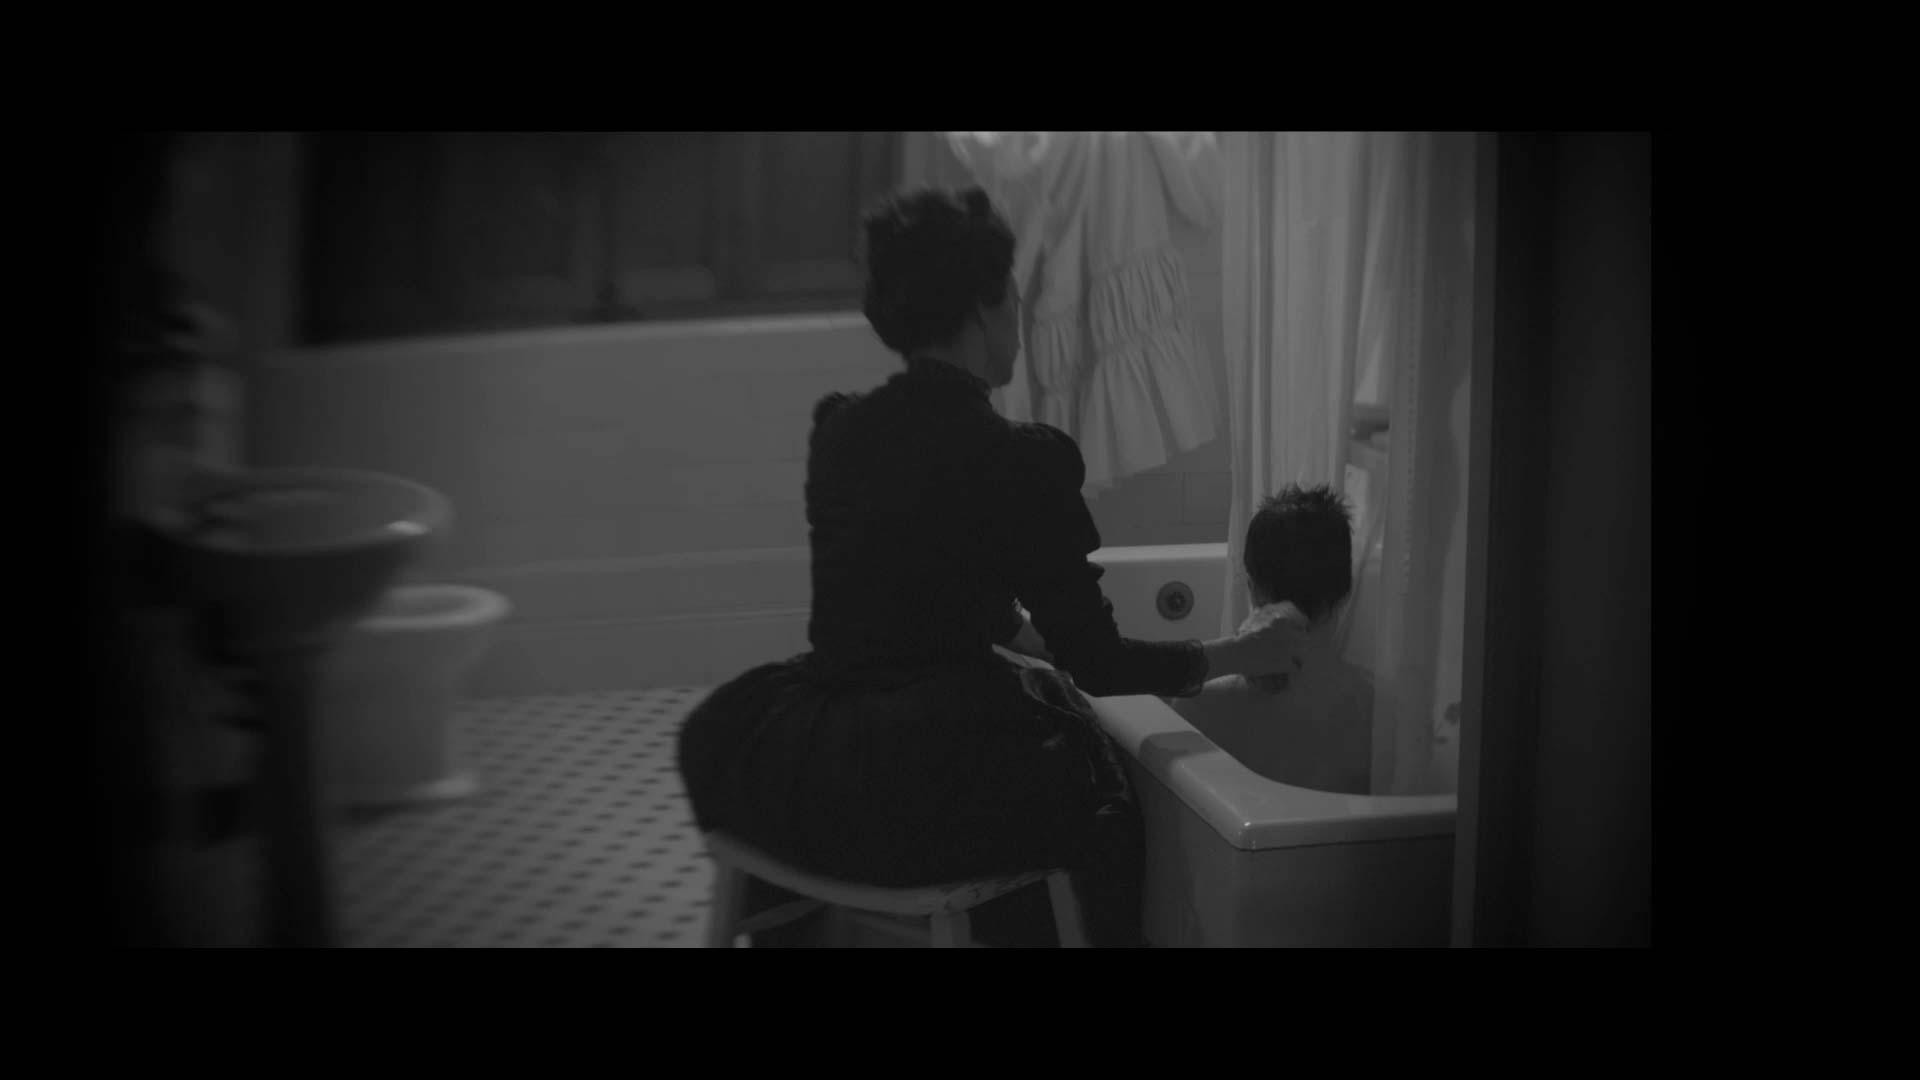 cortometraje La Ropavejera Virtual Art efectos visuales VFX